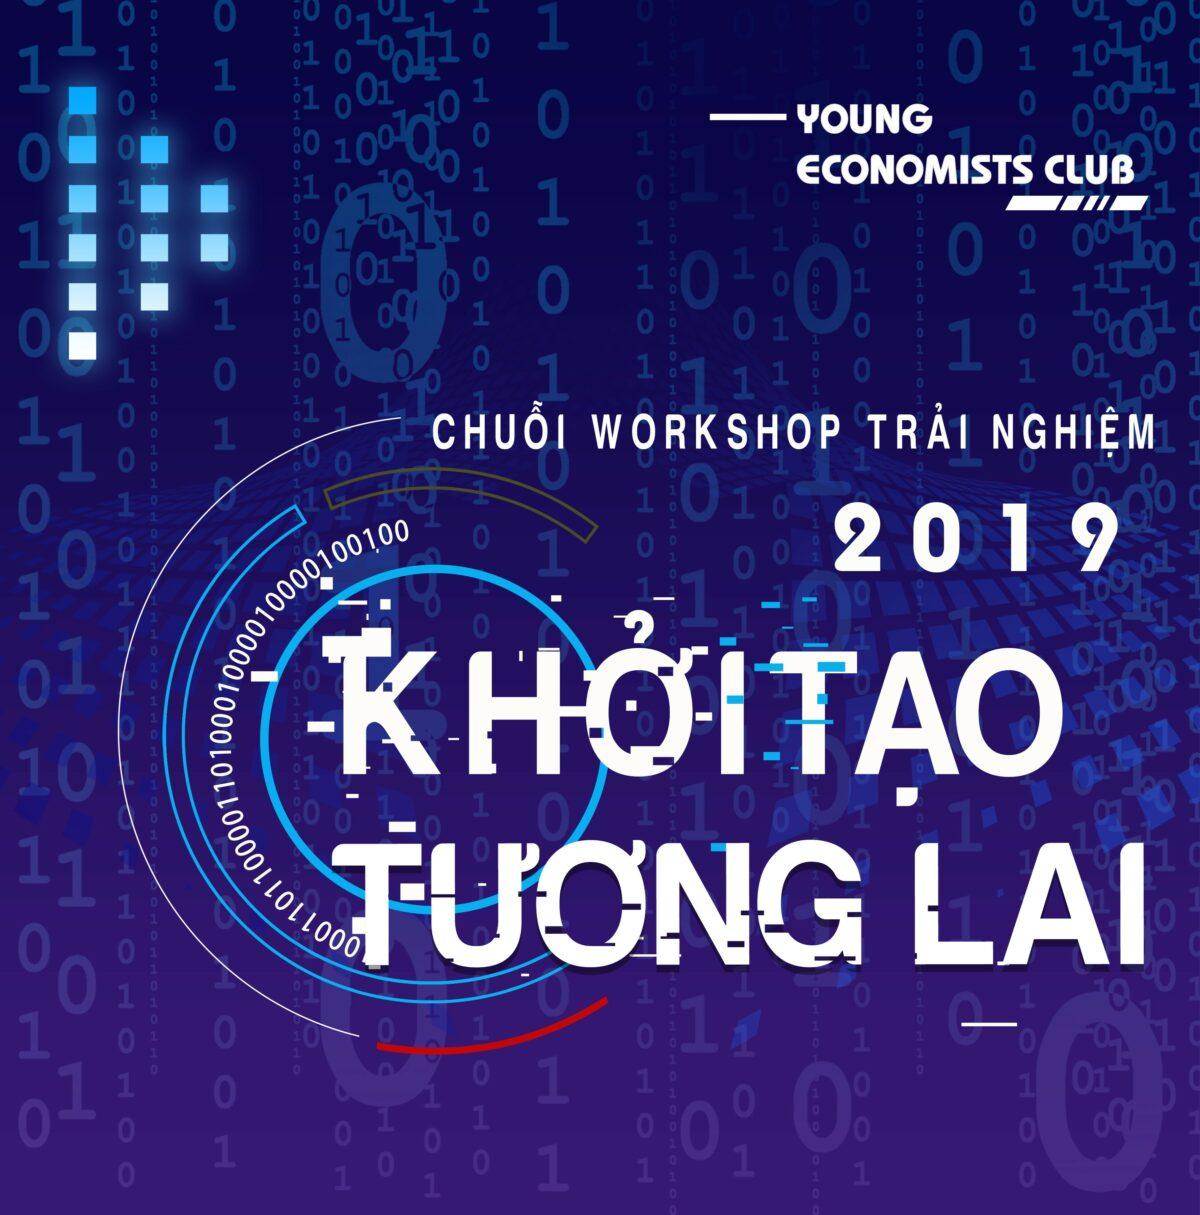 CHUỖI WORKSHOP TRẢI NGHIỆM 2019: KHỞI TẠO TƯƠNG LAI